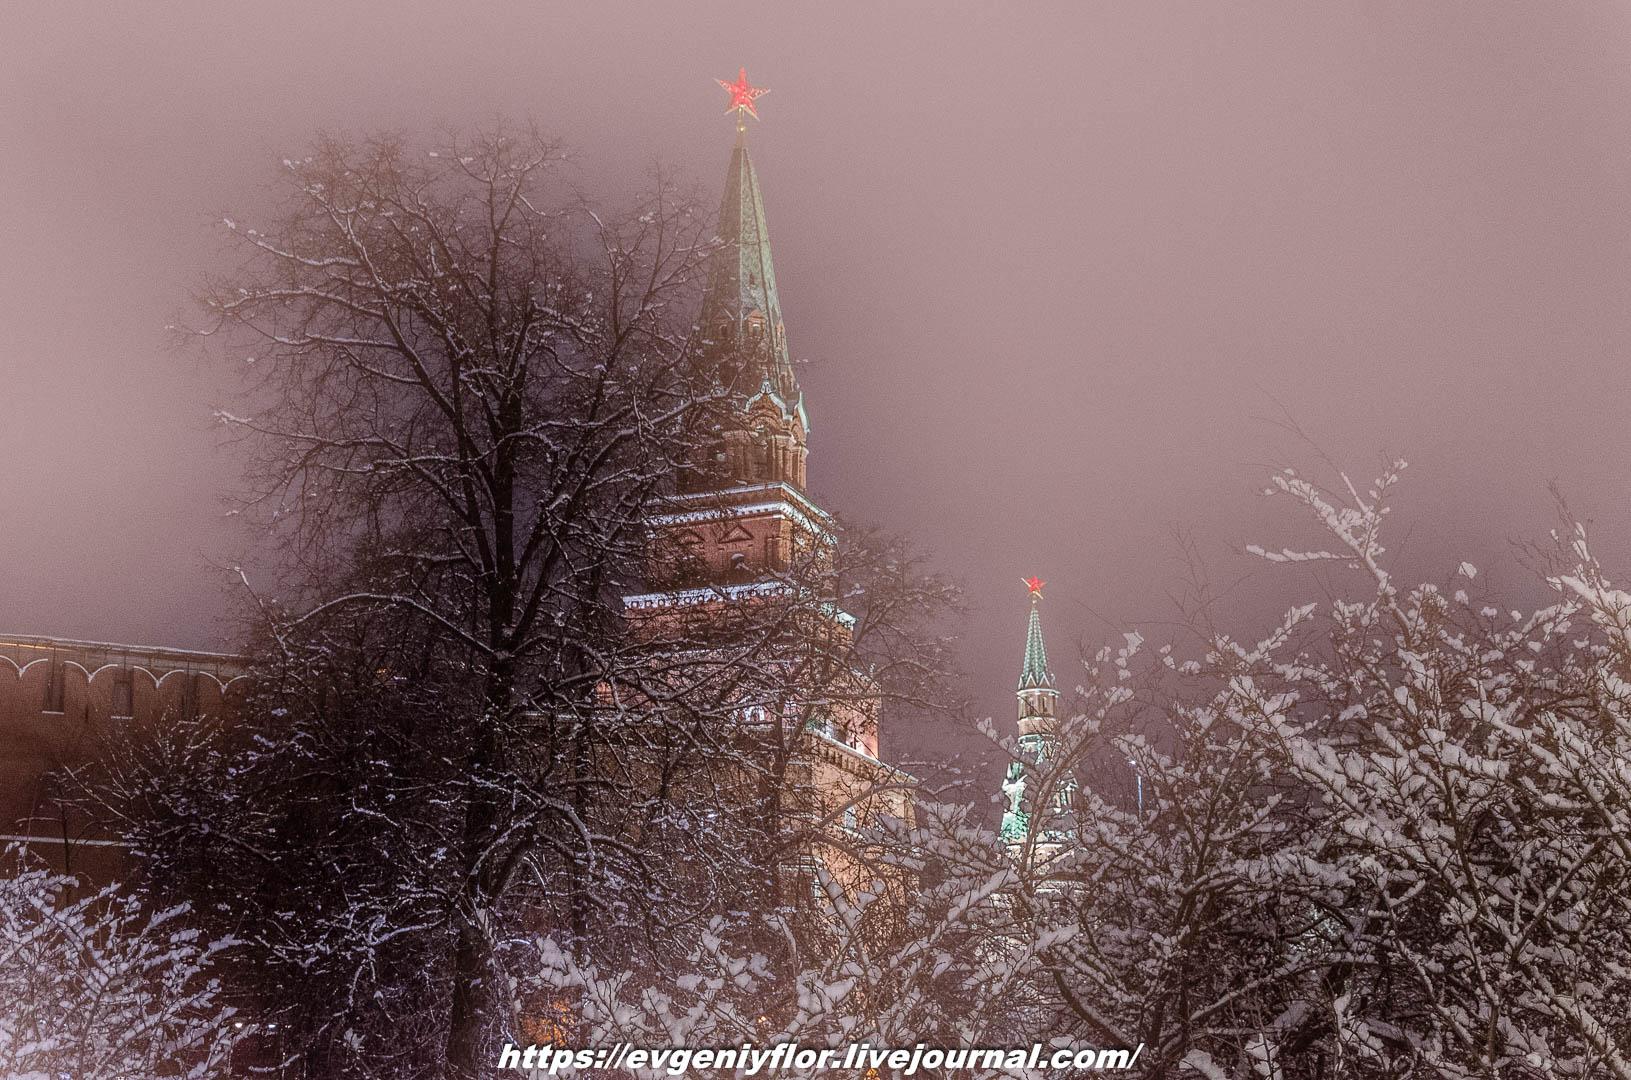 Вечерняя прогулка после снегопада    13 02 - 2019 Среда !Новая папка (2)6634.jpg